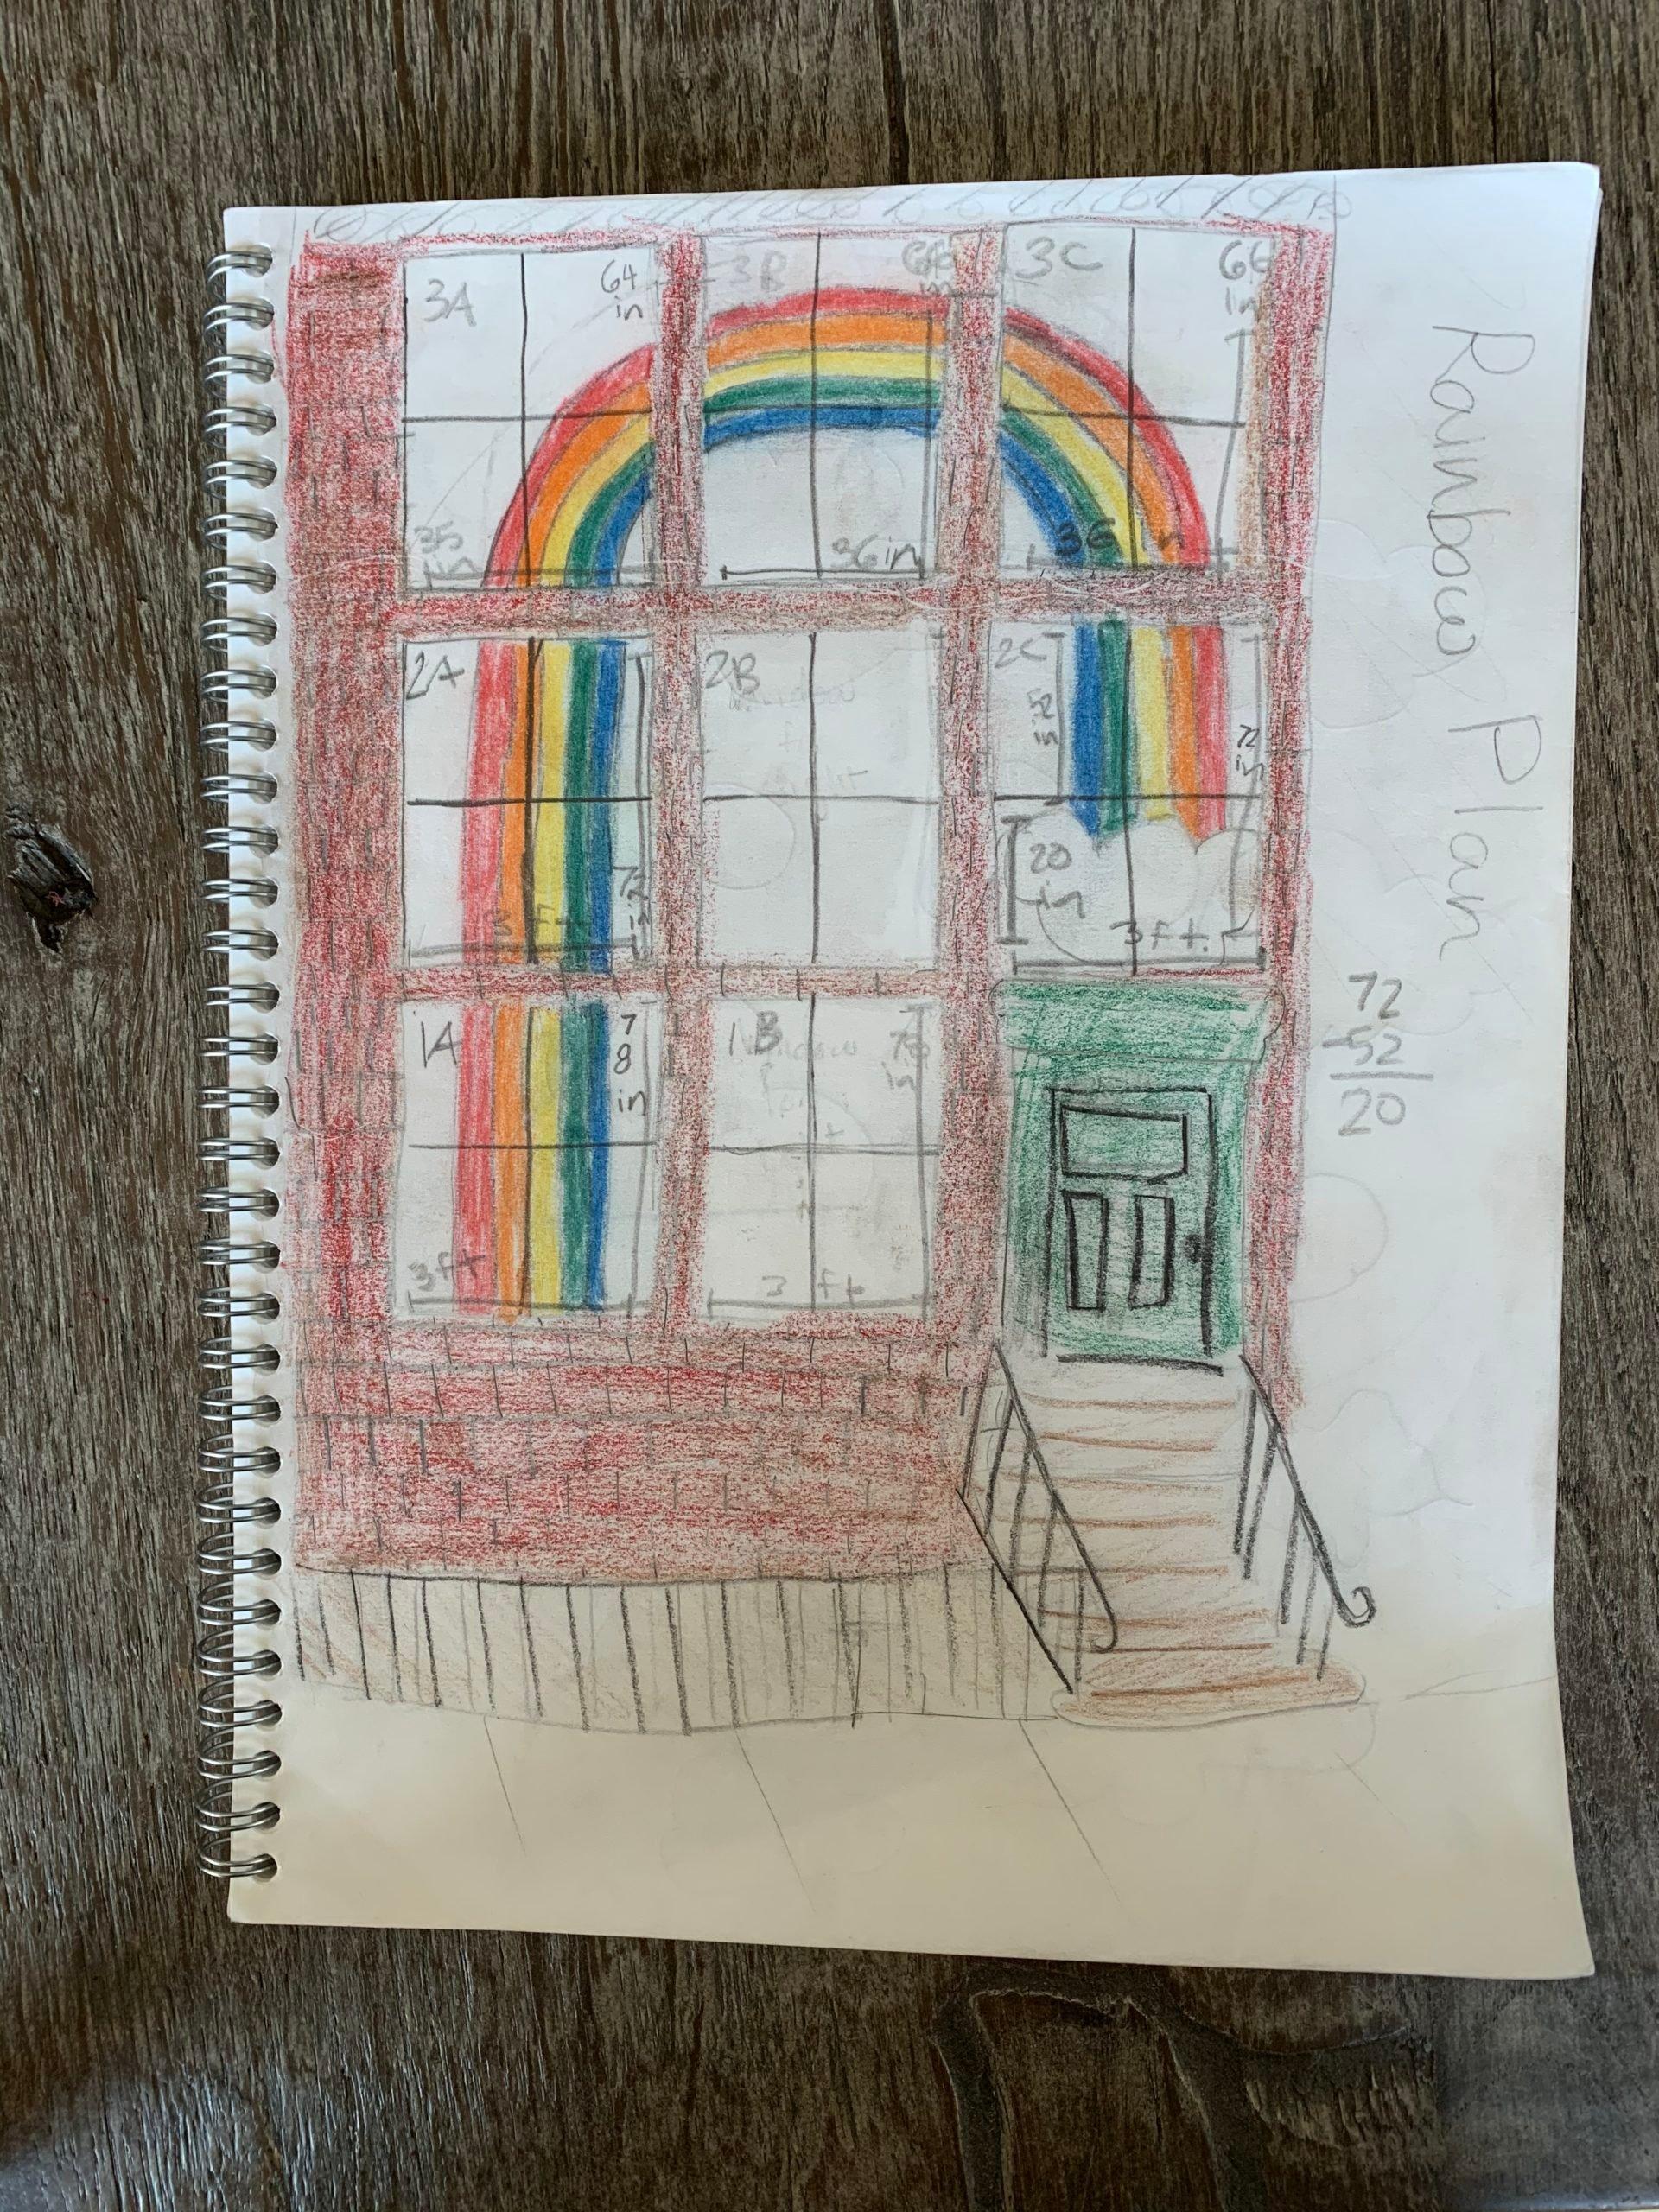 Rainbows in Brooklyn